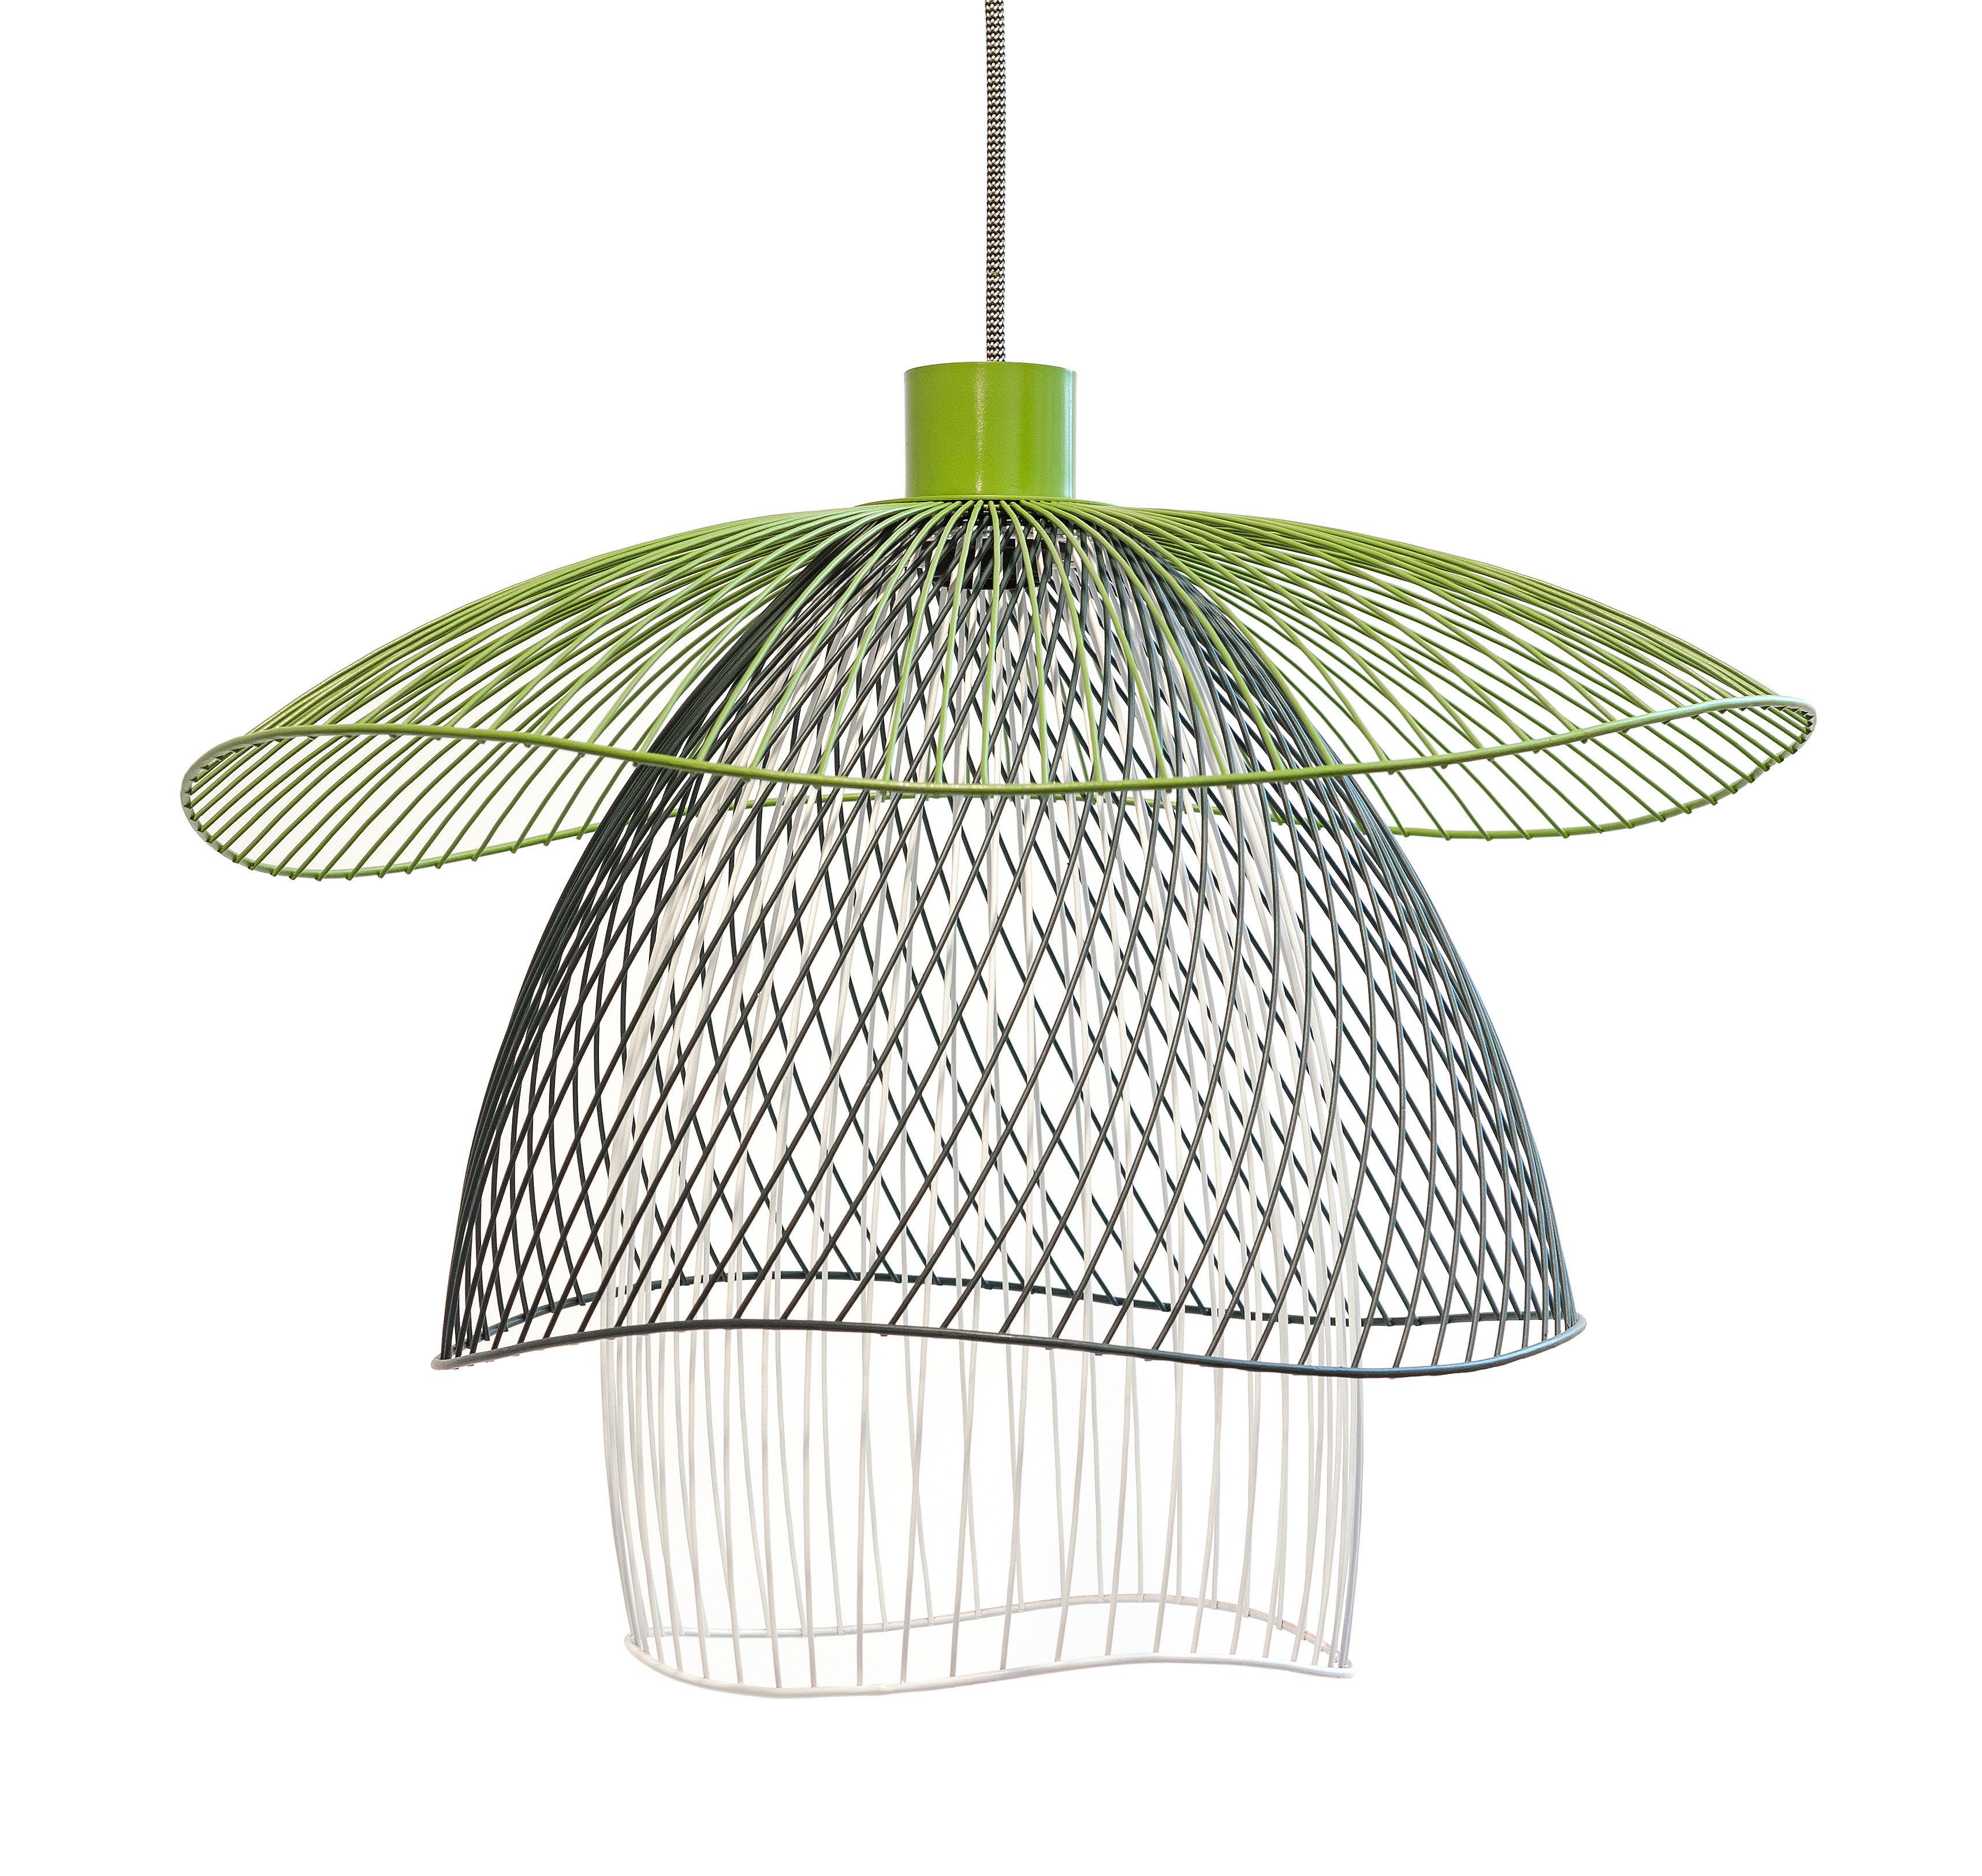 Illuminazione - Lampadari - Sospensione Papillon Small - / Ø 56 cm di Forestier - Verde / Blu / Bianco - Acciaio termolaccato